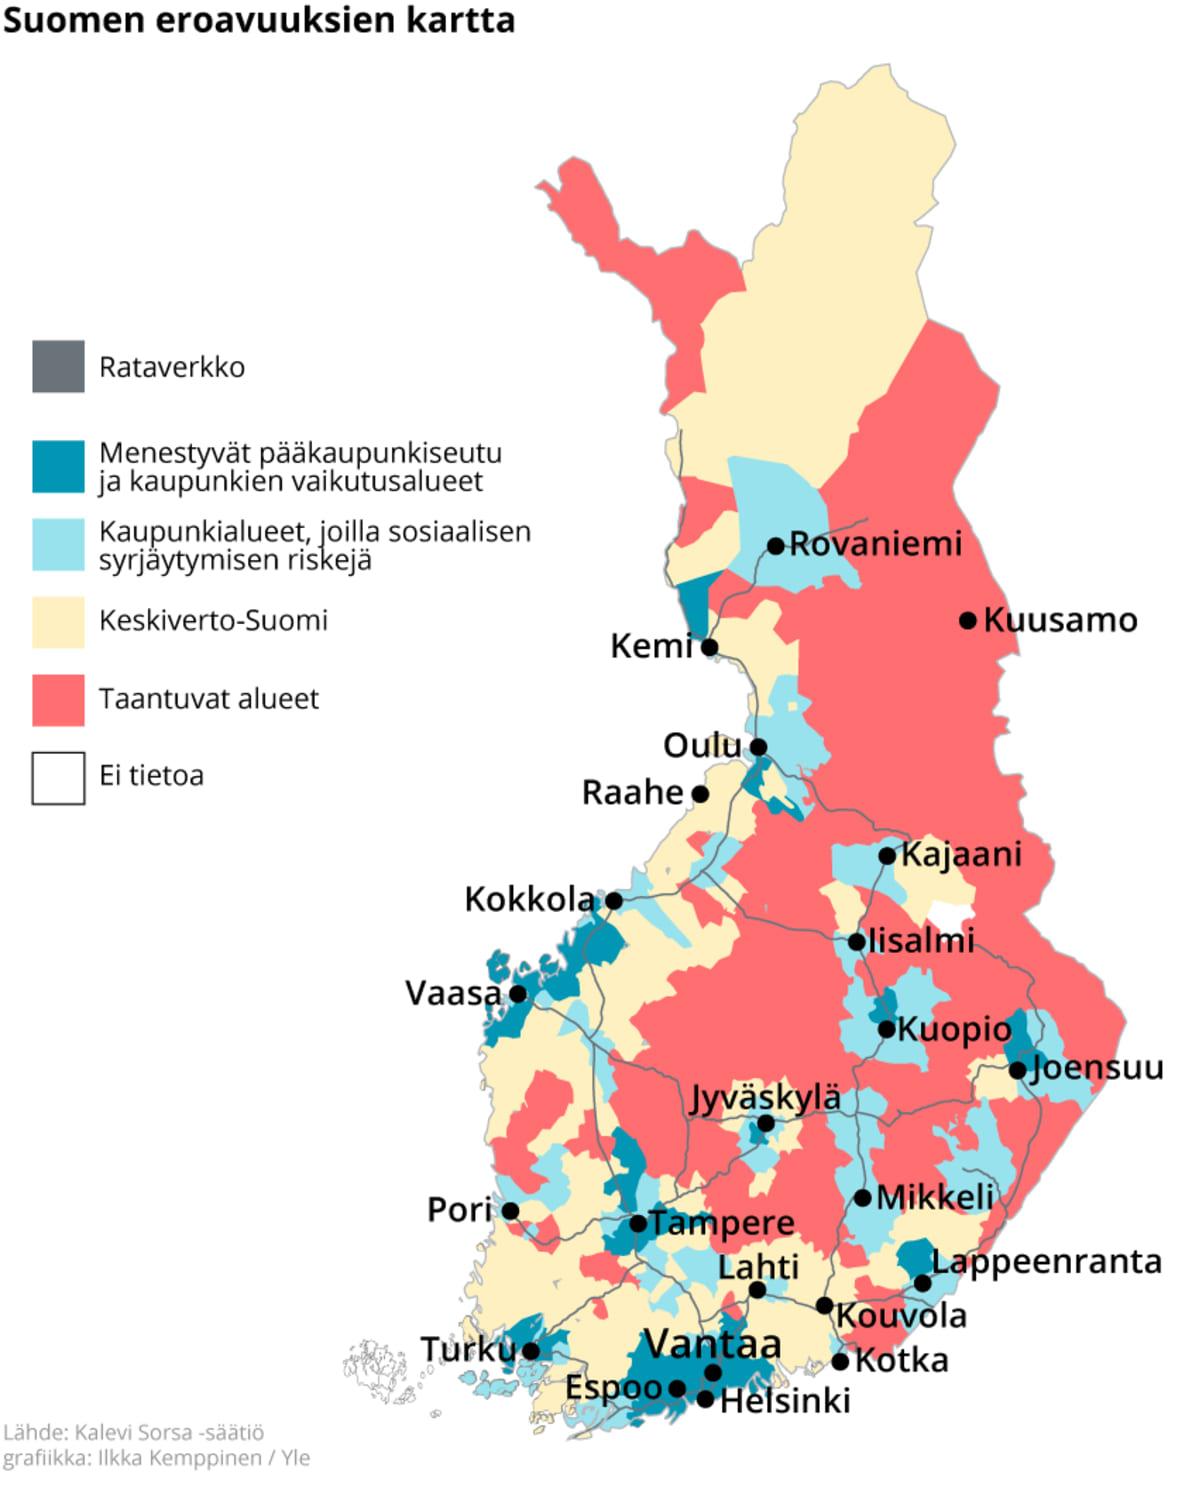 Suomen kartta johon on merkitty menestyvät ja taantuvat alueet.